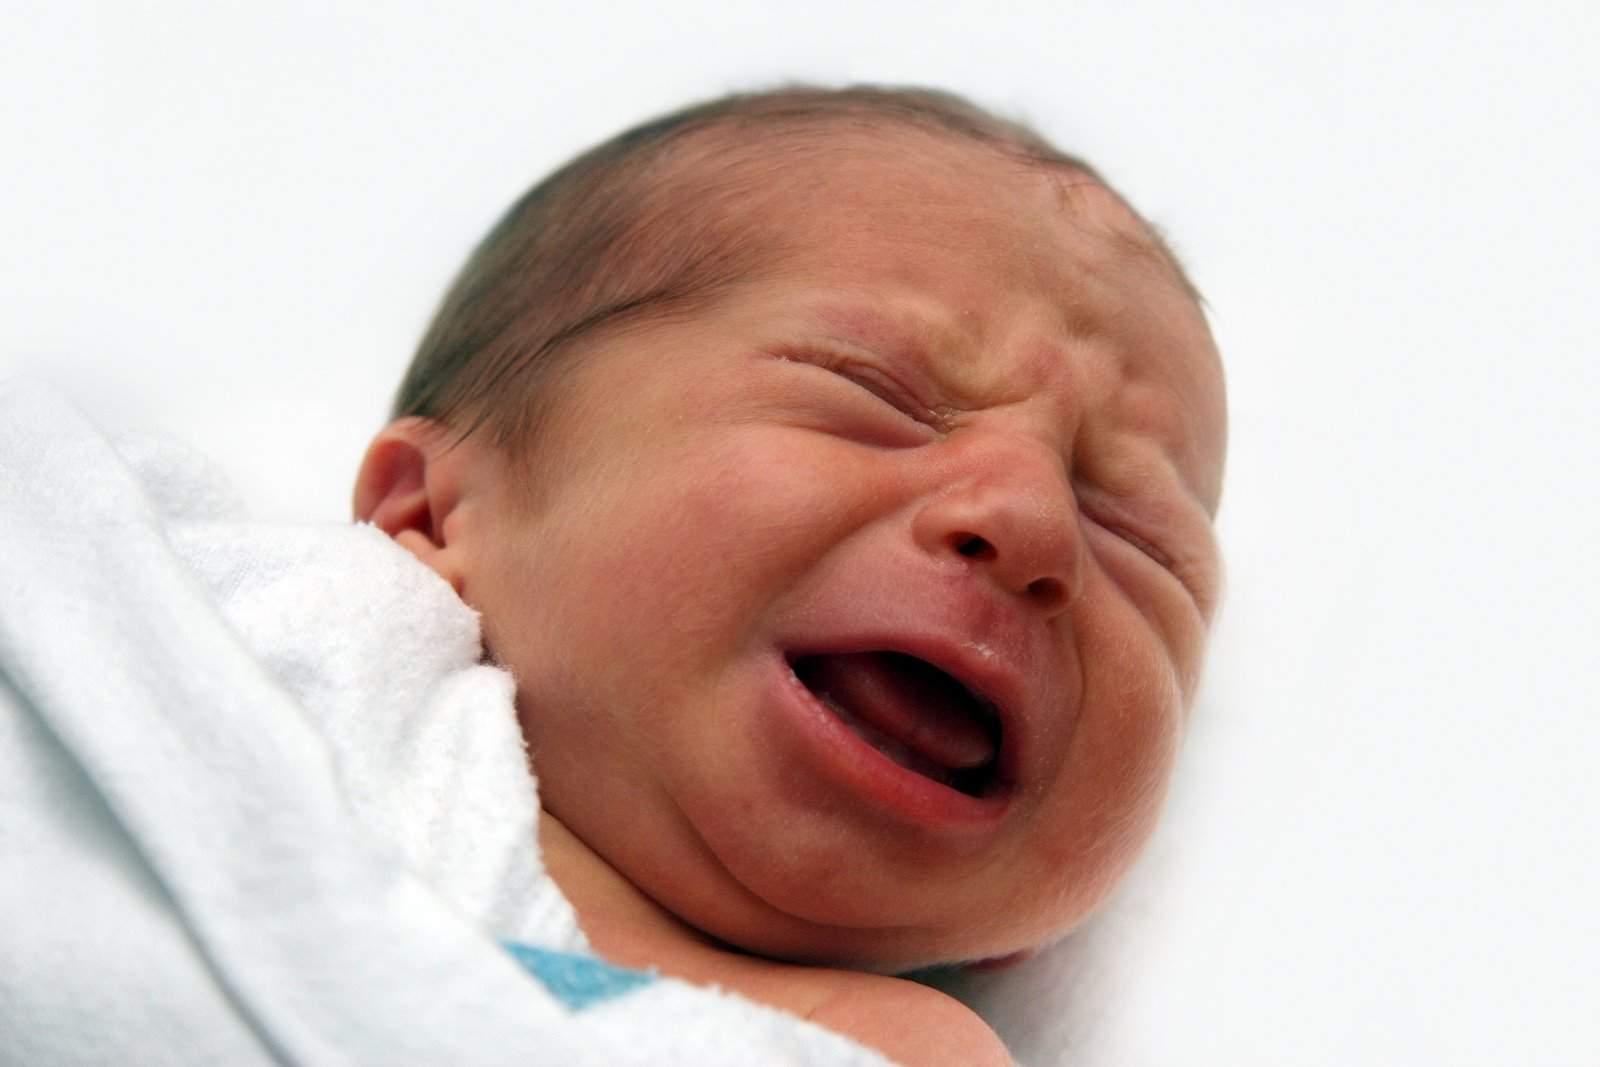 mengapa tidak boleh membiarkan bayi terlalu lama menangis